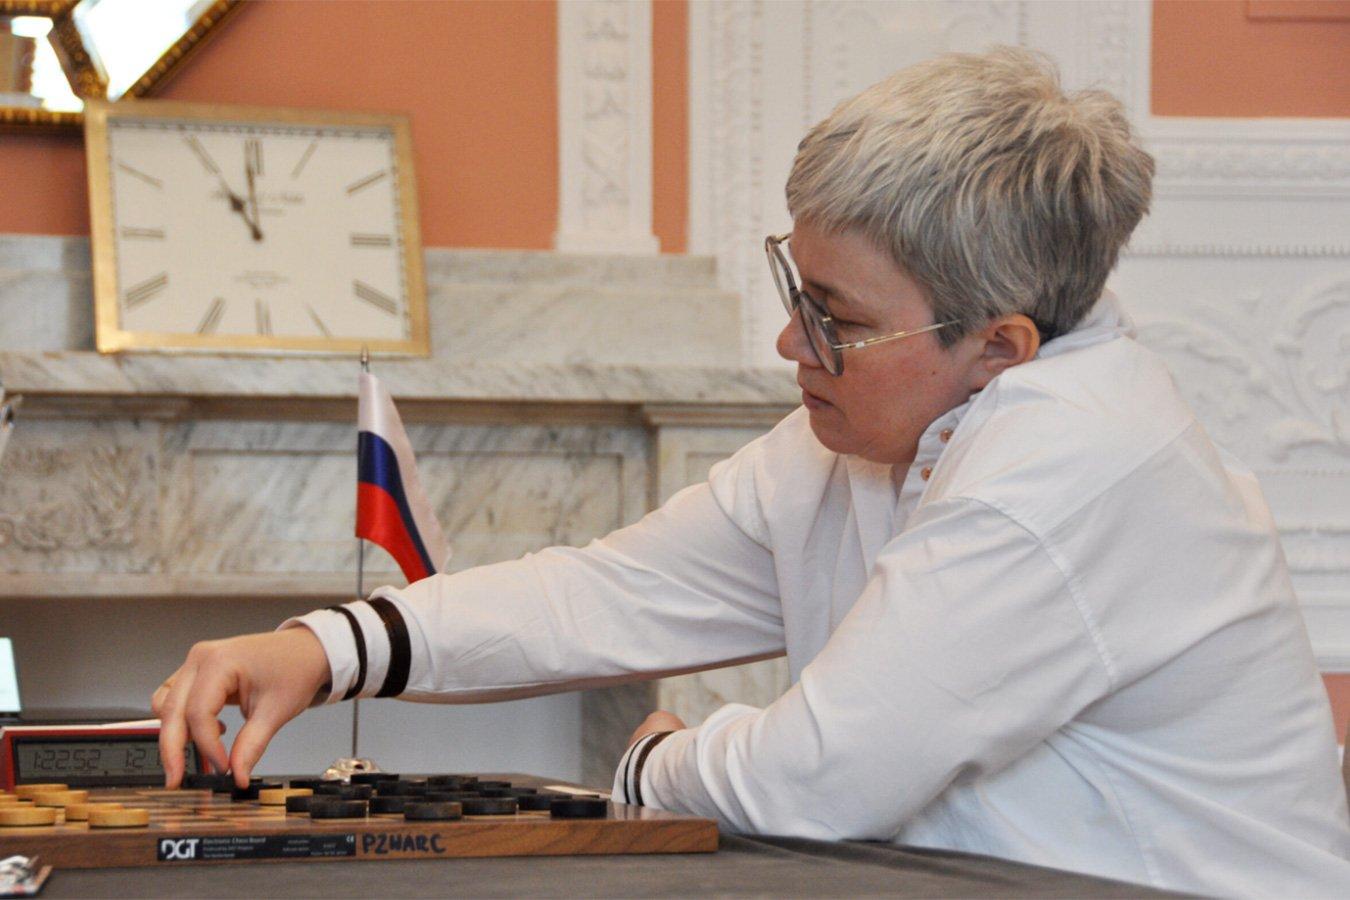 Ура! Чемпионка мира по шашкам Тансыккужина сфотографировалась с флагом России